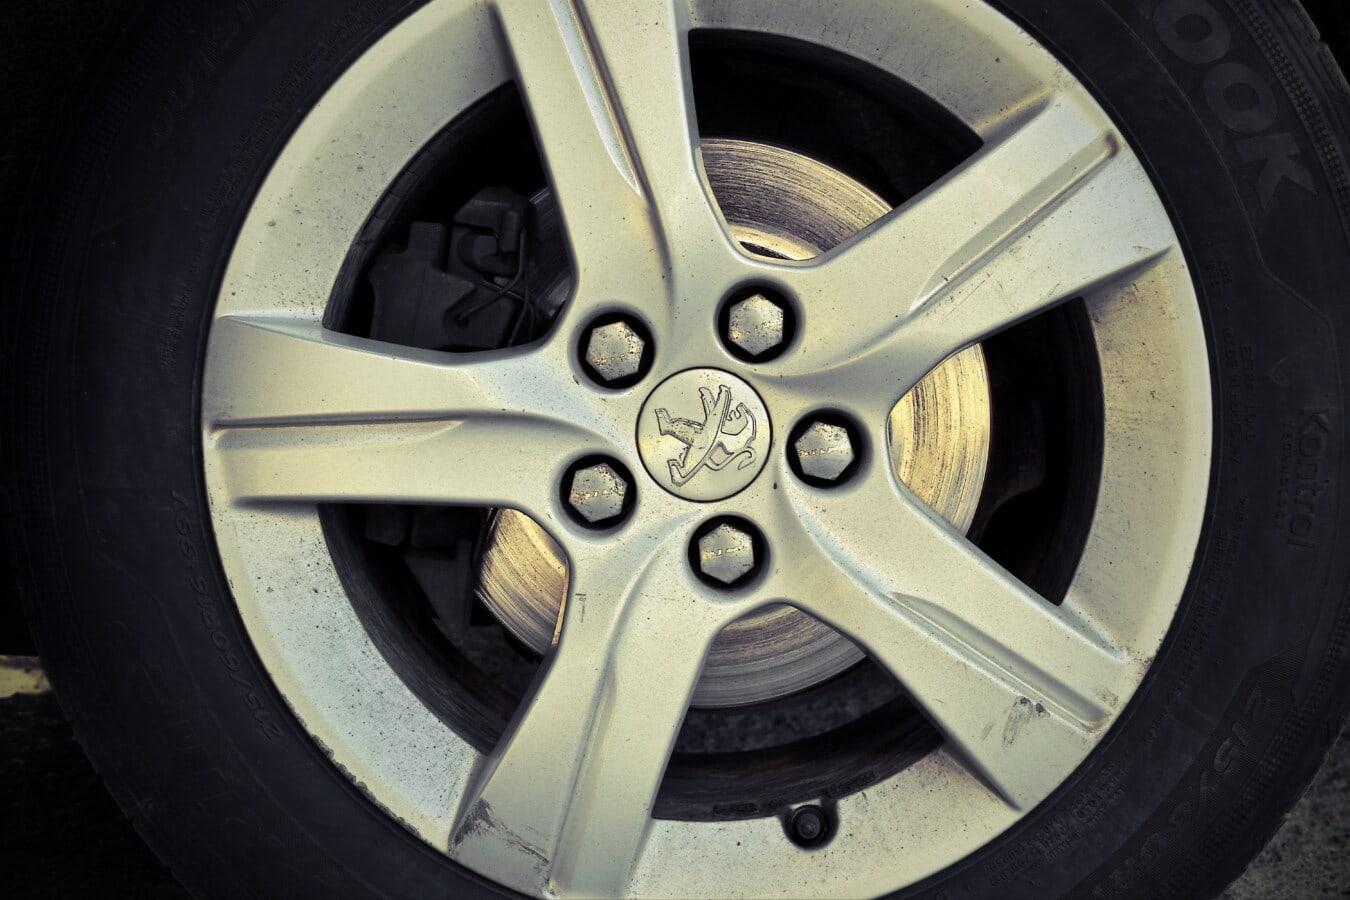 symbole, pneu, en détail, Français, jante, en alliage, en aluminium, voiture, brillante, brillante